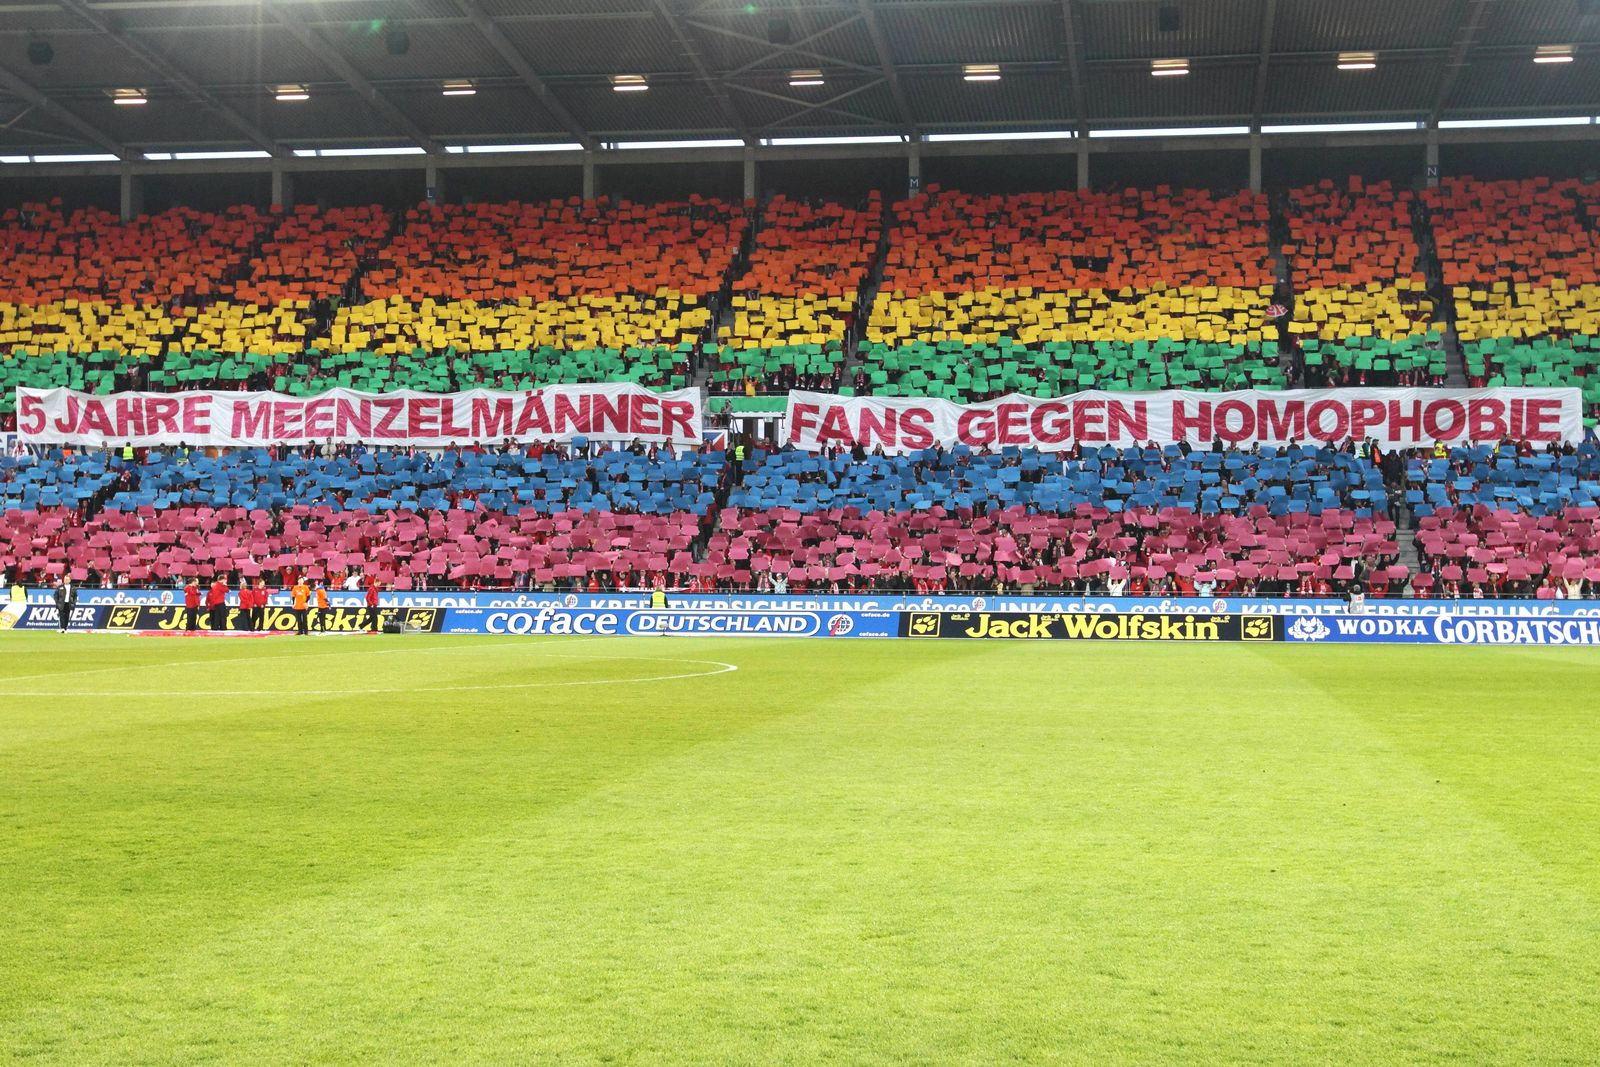 EINMALIGE VERWENDUNG Fans gegen Homophobie/ Plakat/ Mainz 05 Fans